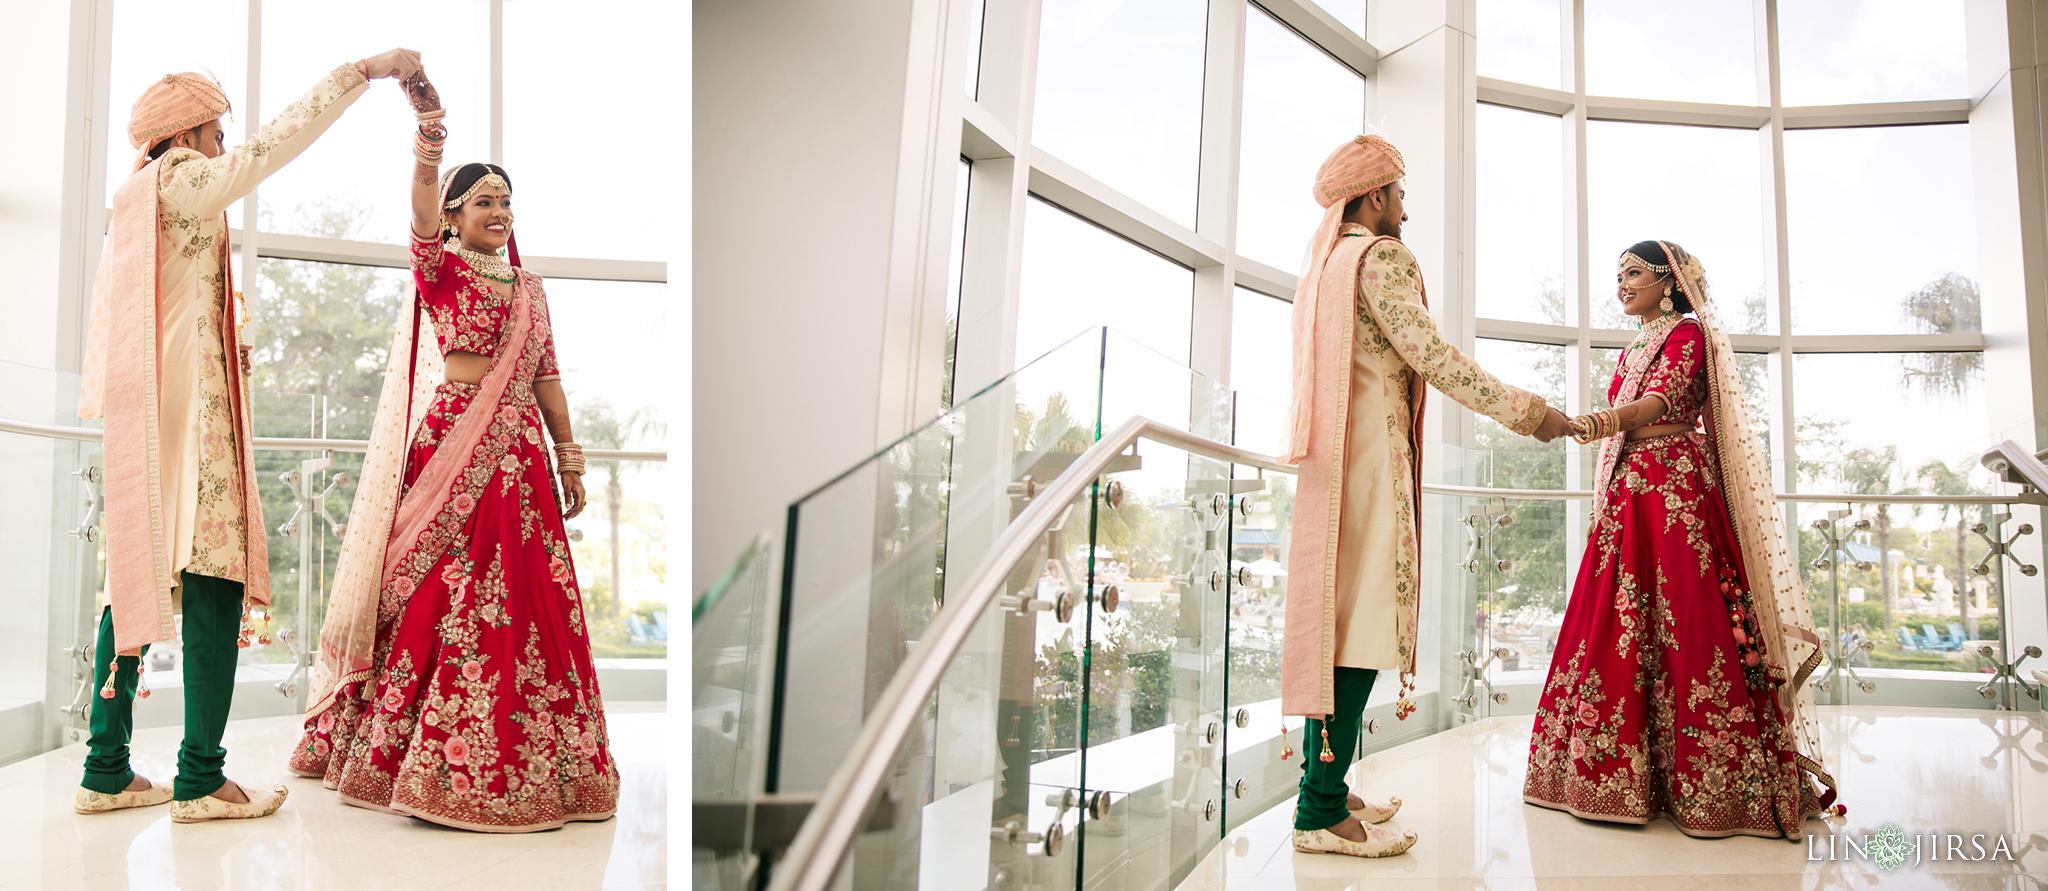 09 The Hilton Orlando Florida Indian Wedding Photography